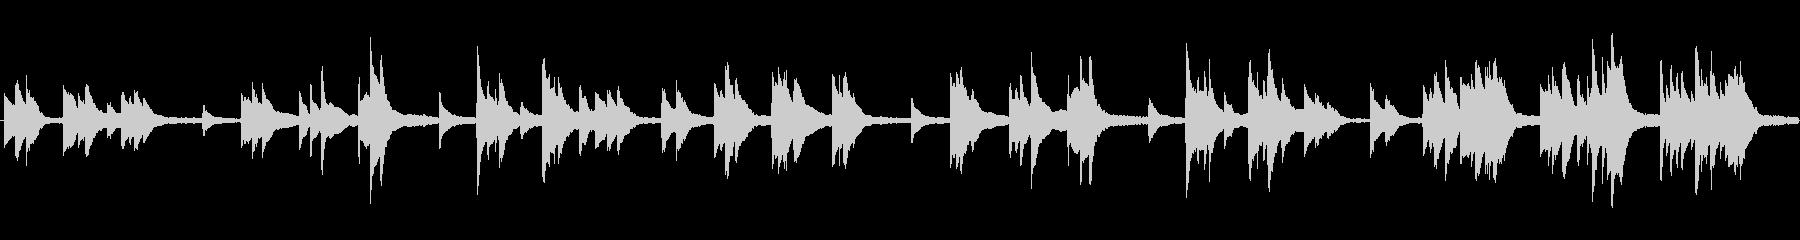 懐古的 叙情的 フォーク ■ ピアノソロの未再生の波形